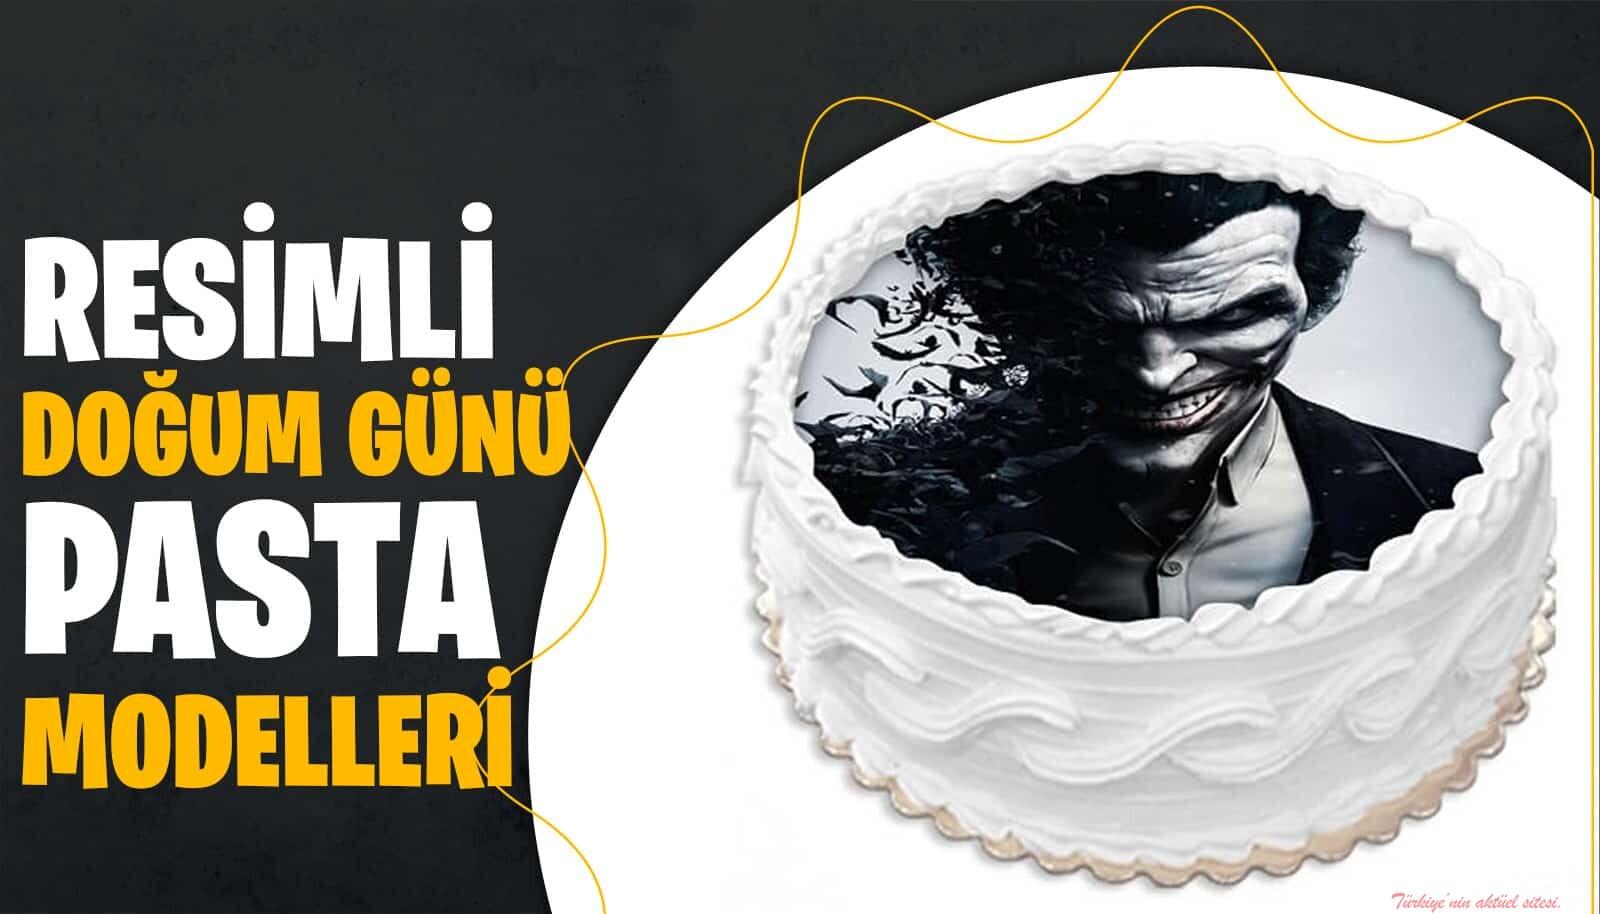 Resimli Doğum Günü Pasta Modelleri